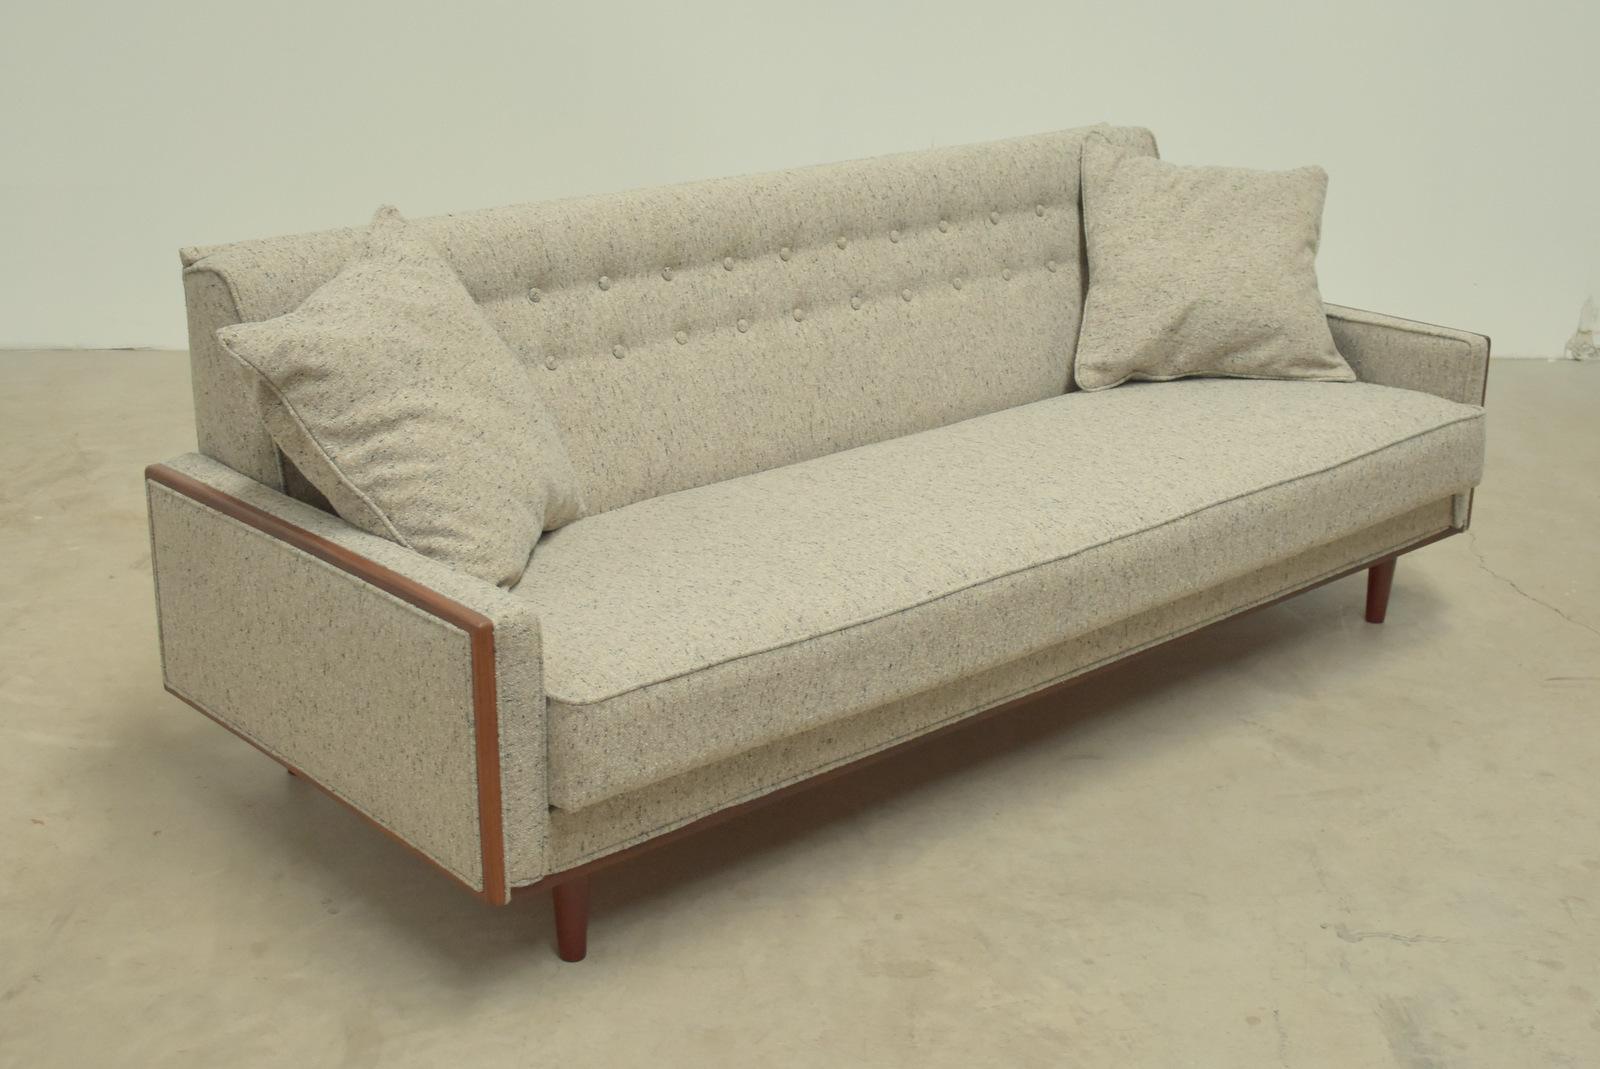 British mid century sofabed